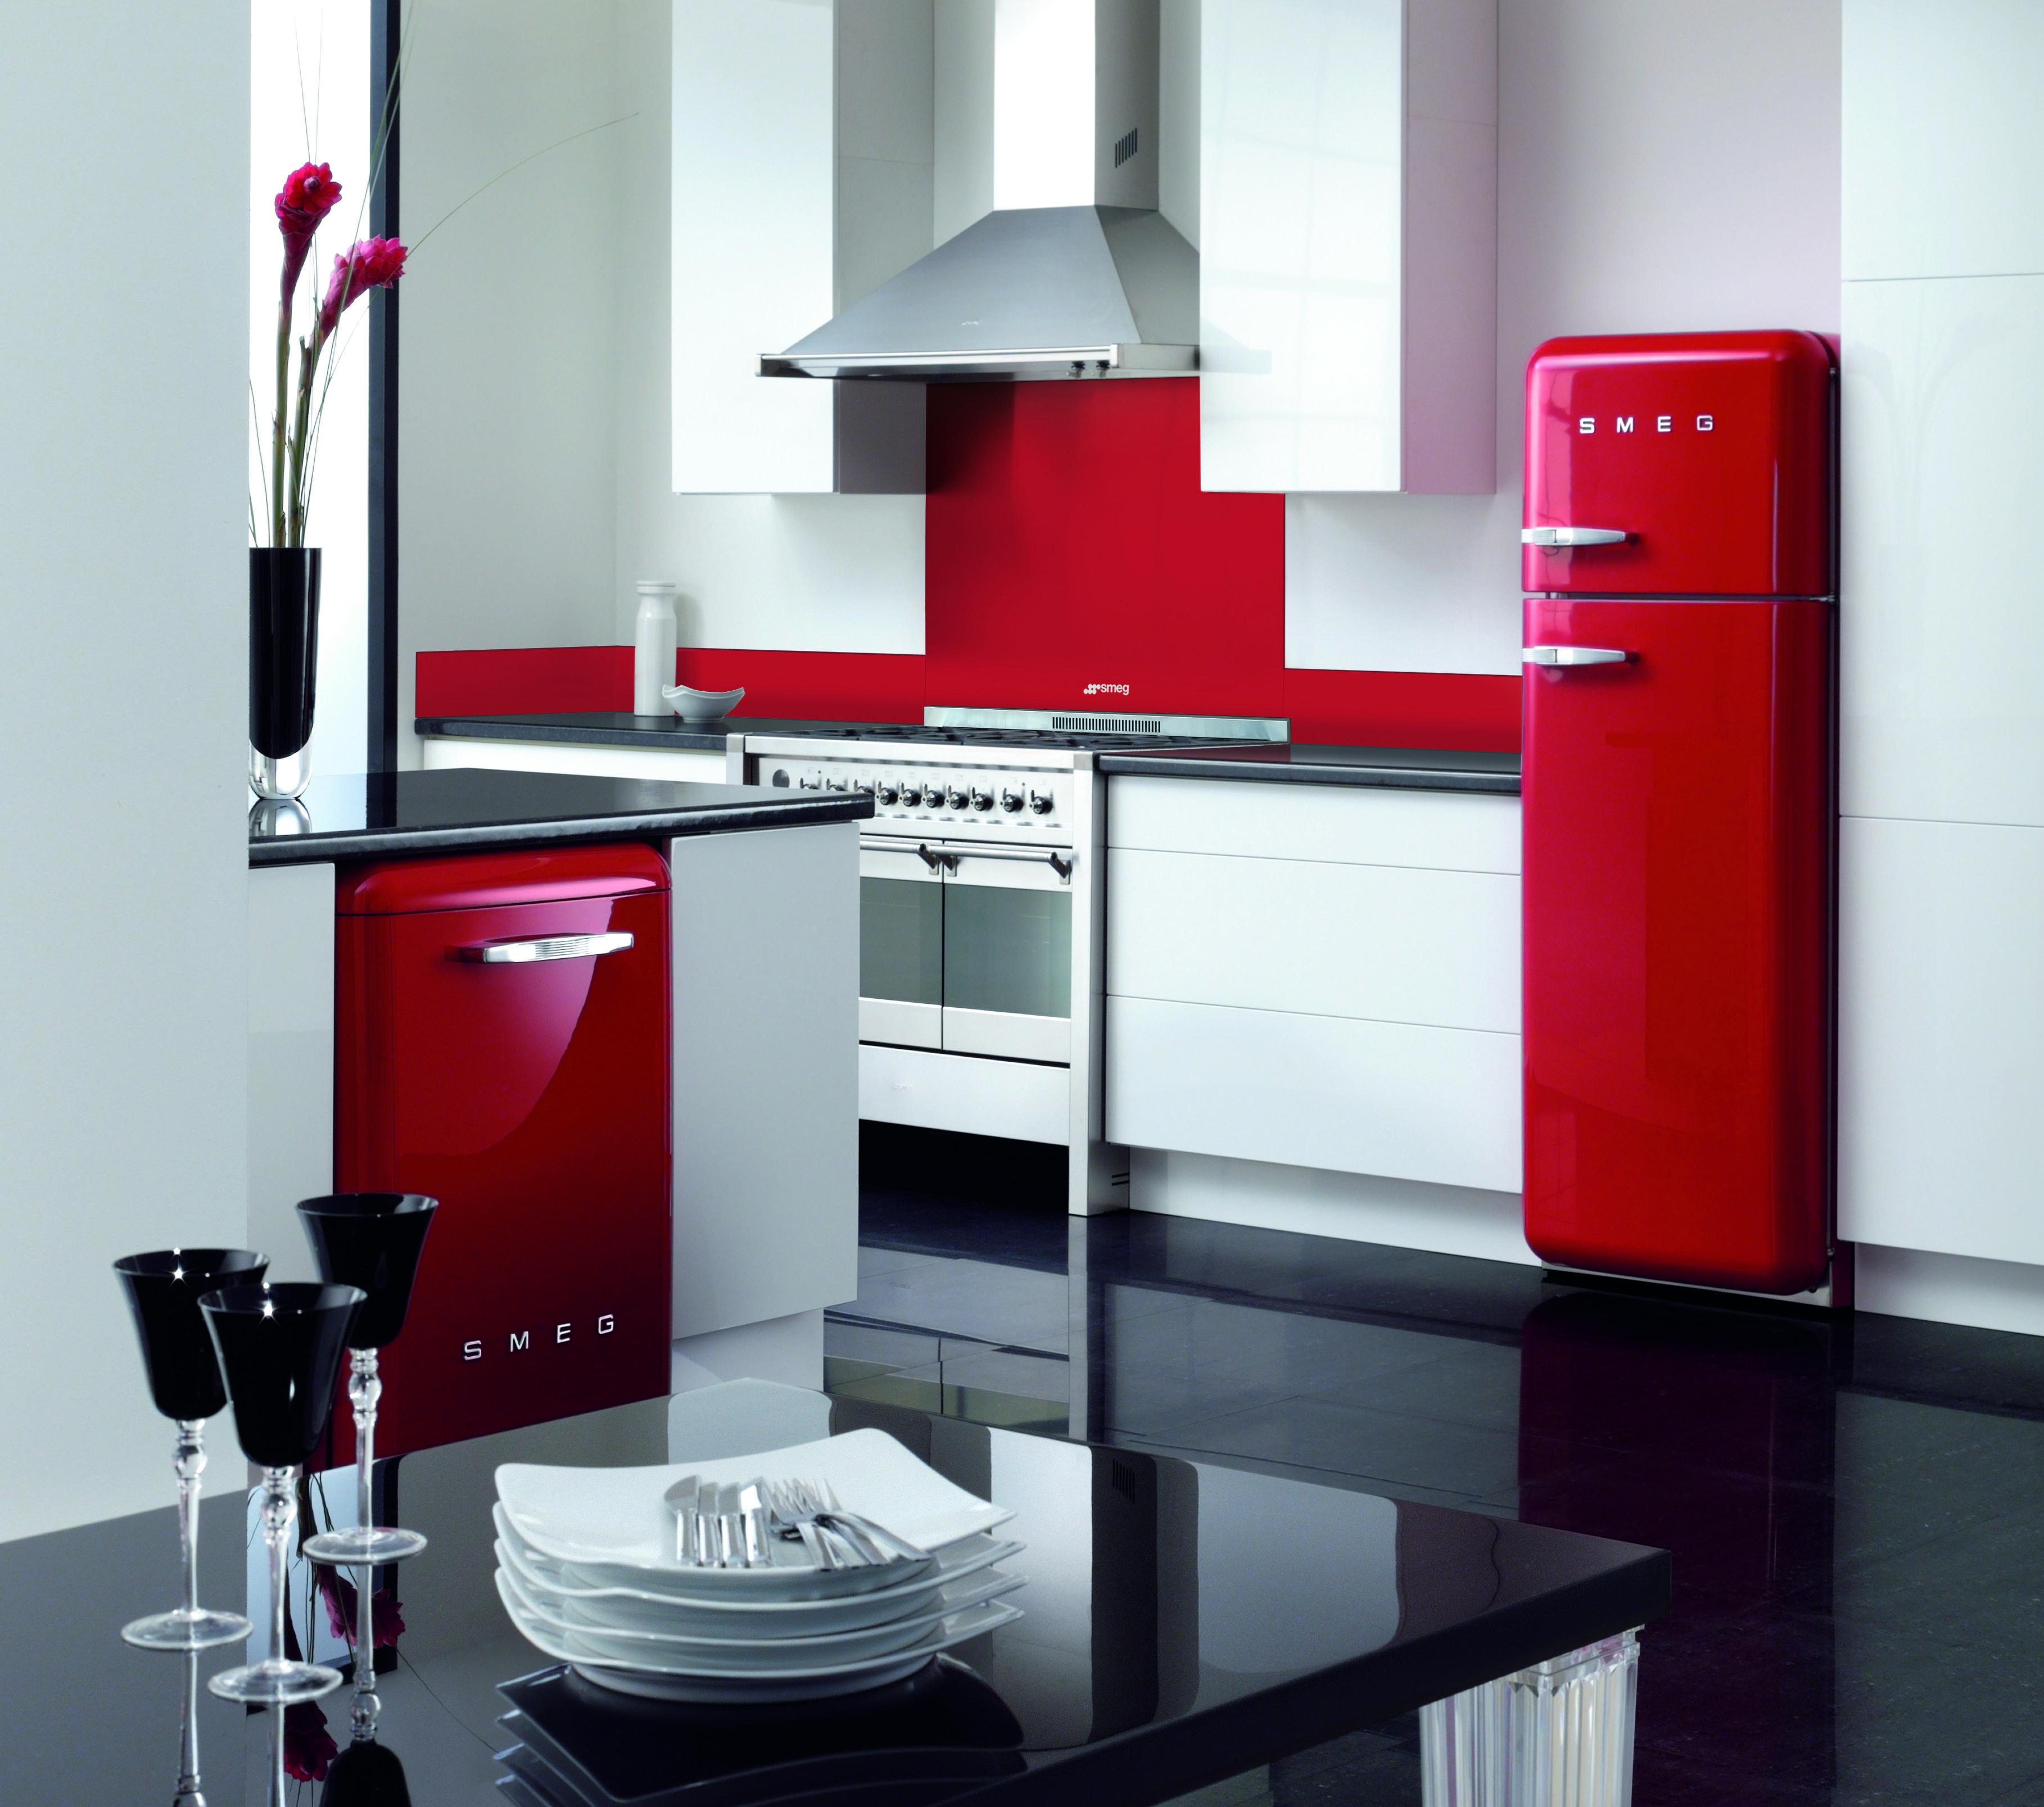 Smeg FAB Room Set All Red Dishwasher and FridgeFreezer